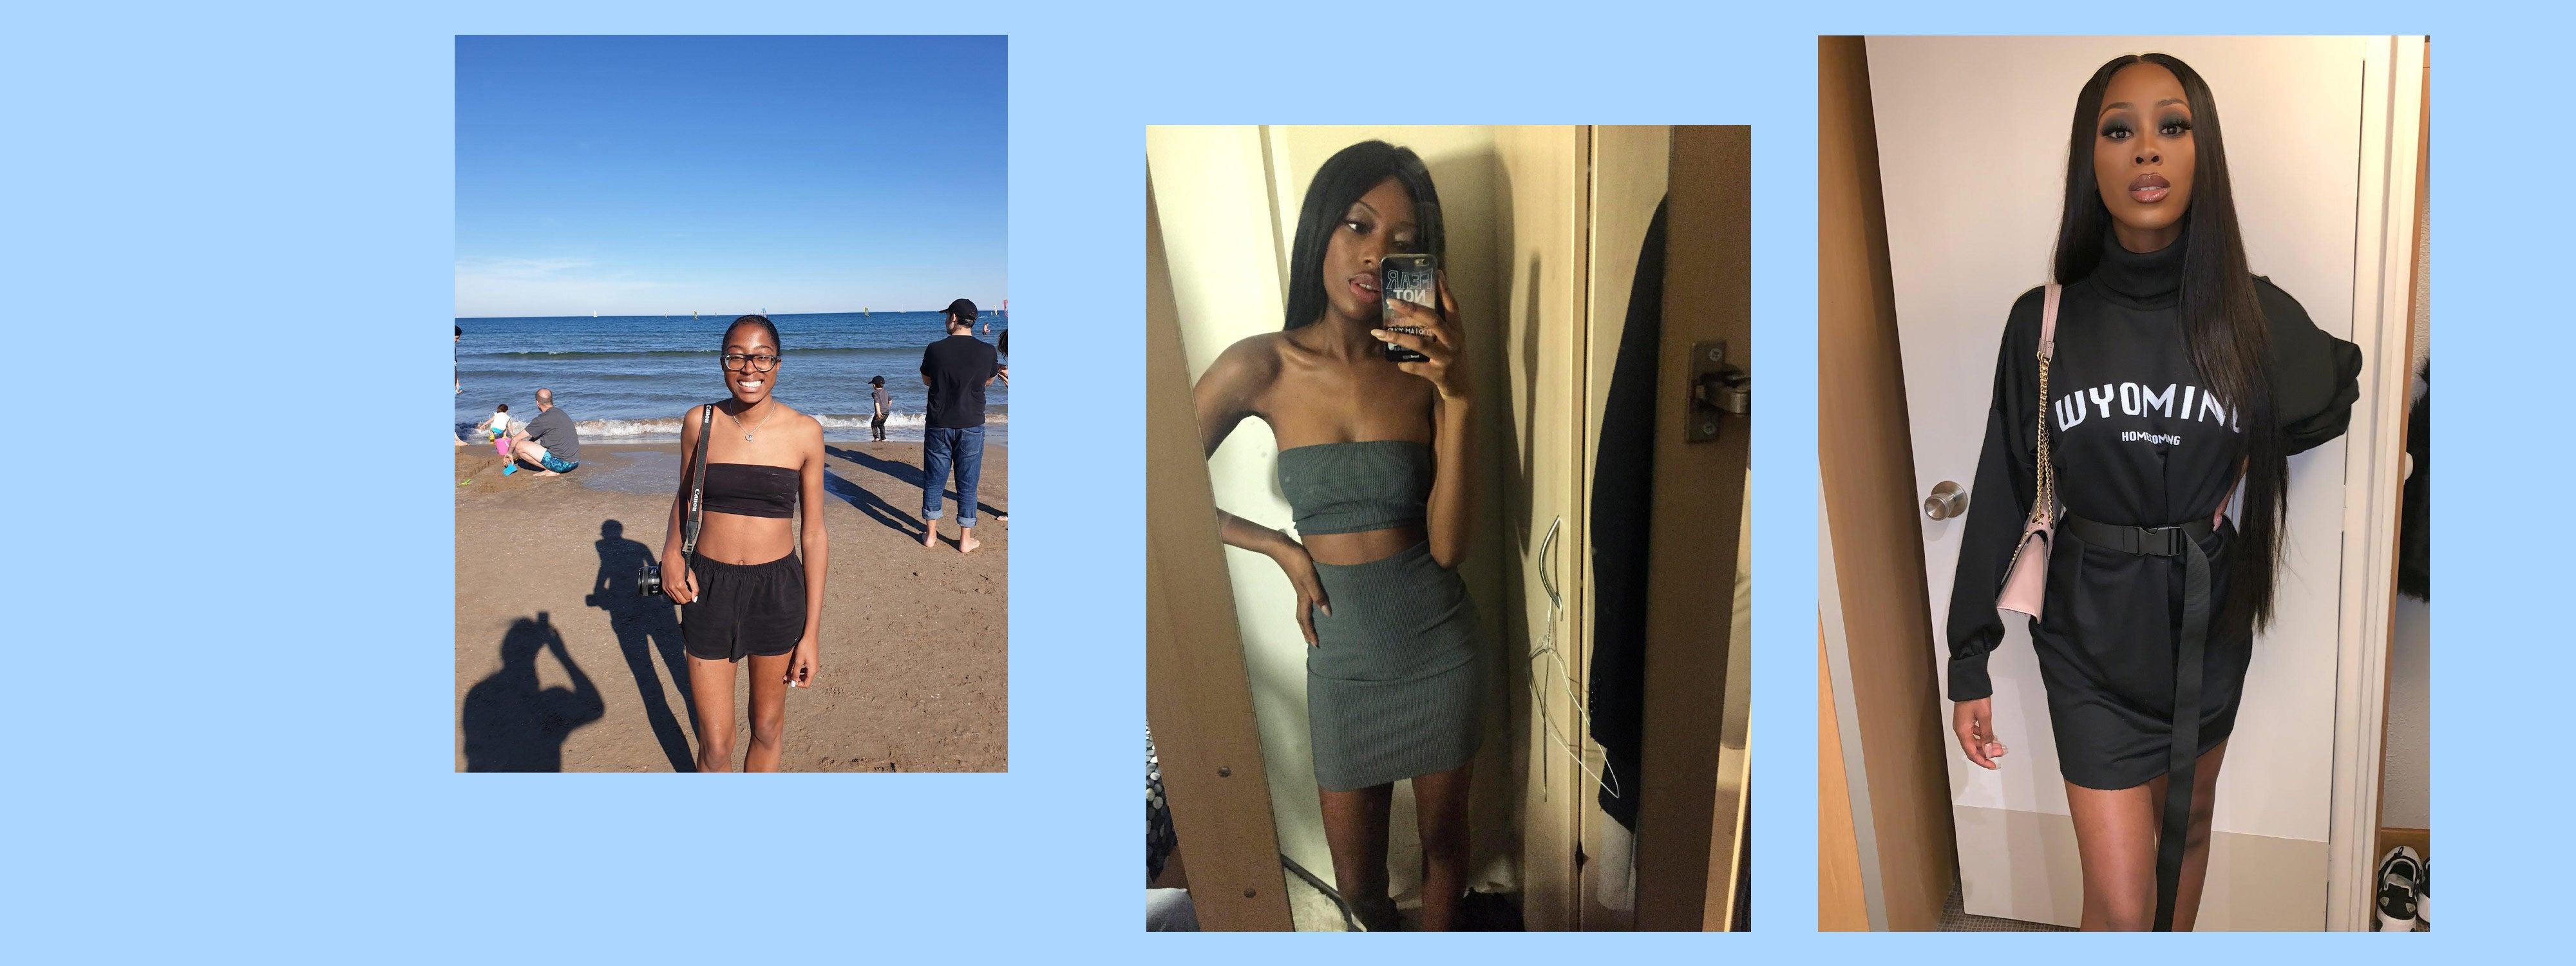 Wie es ist, eine Schwarze und schlanke Frau zu sein